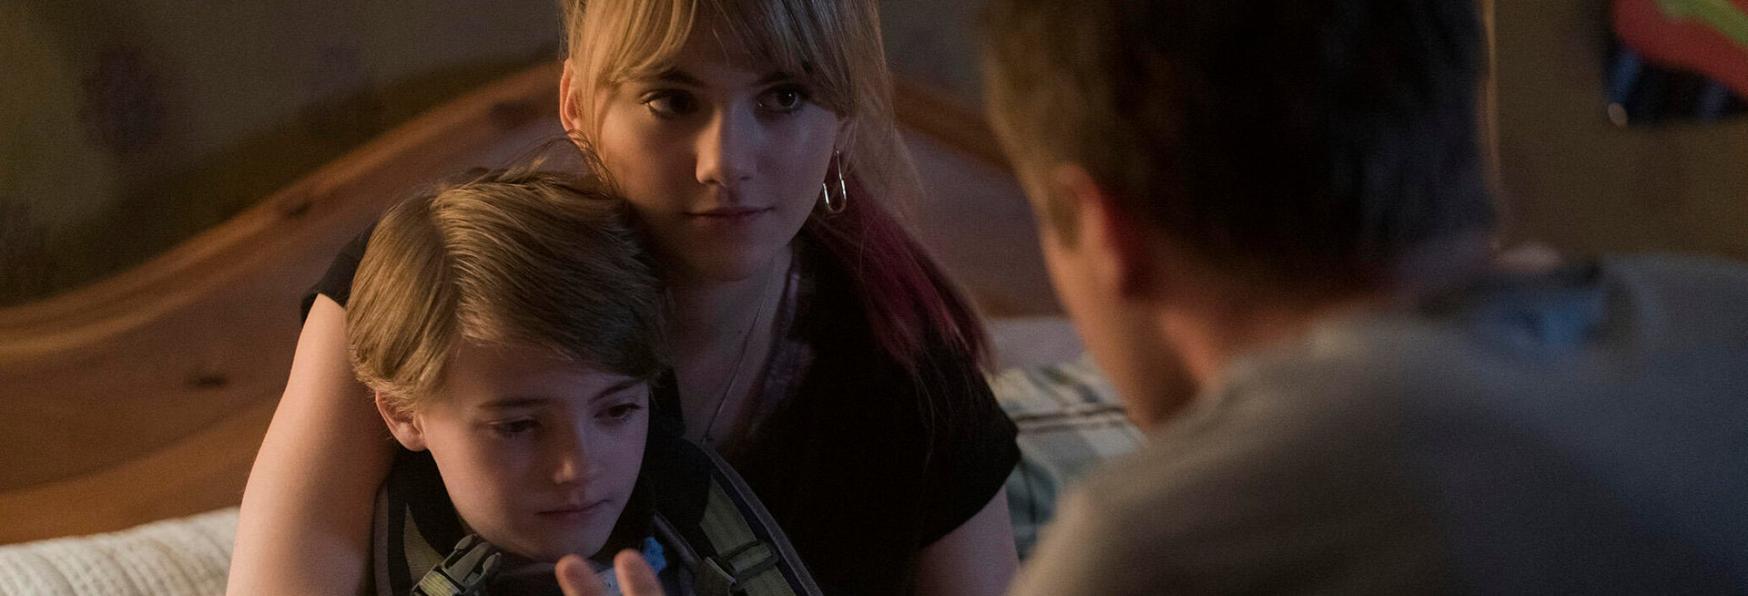 Locke & Key 2: il Teaser Trailer e la Data di Debutto della nuova Stagione